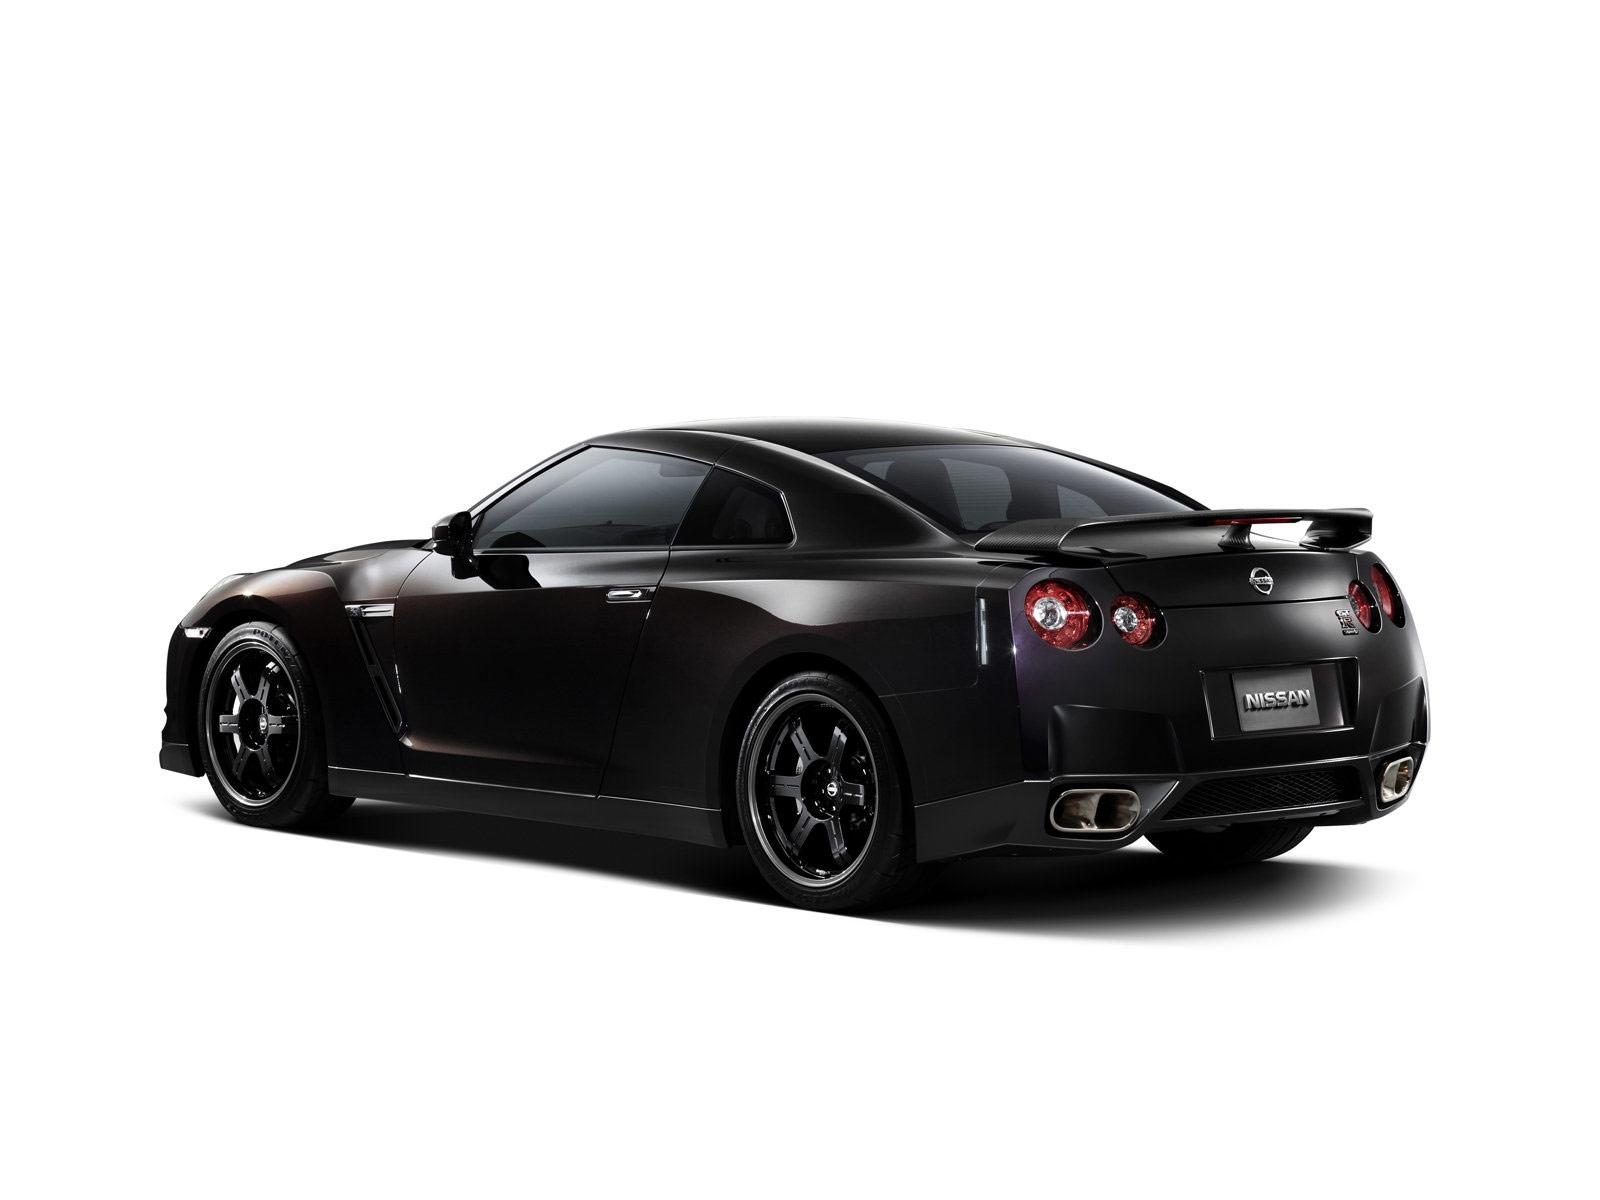 http://4.bp.blogspot.com/-8_IOFDqFViE/TXnFexNR-XI/AAAAAAAAC34/tU-2iWm8TTw/s1600/2010_Nissan_GT-R_SpecV_6.jpg